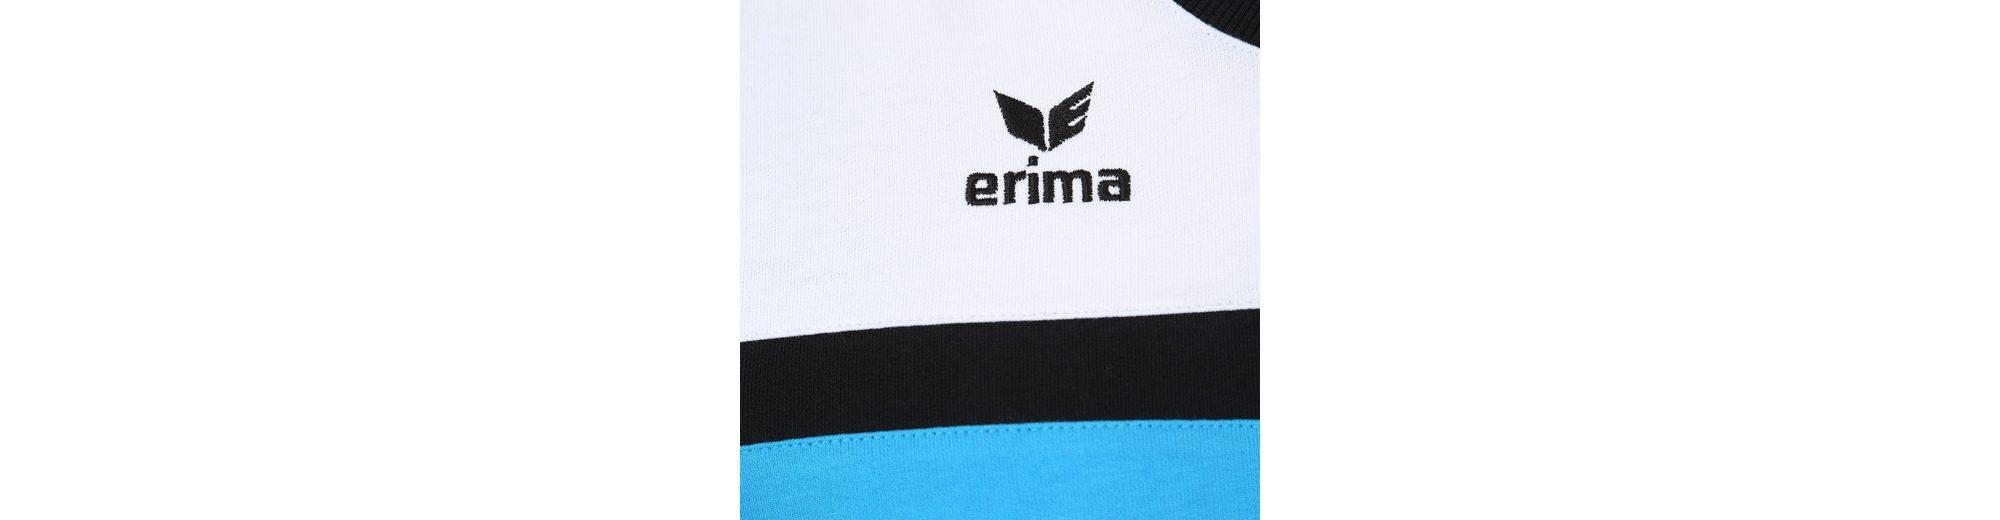 Damen 5 ERIMA CUBES 5 ERIMA Sweatshirt 5 Damen Sweatshirt Sweatshirt CUBES ERIMA CUBES Zqg7wR